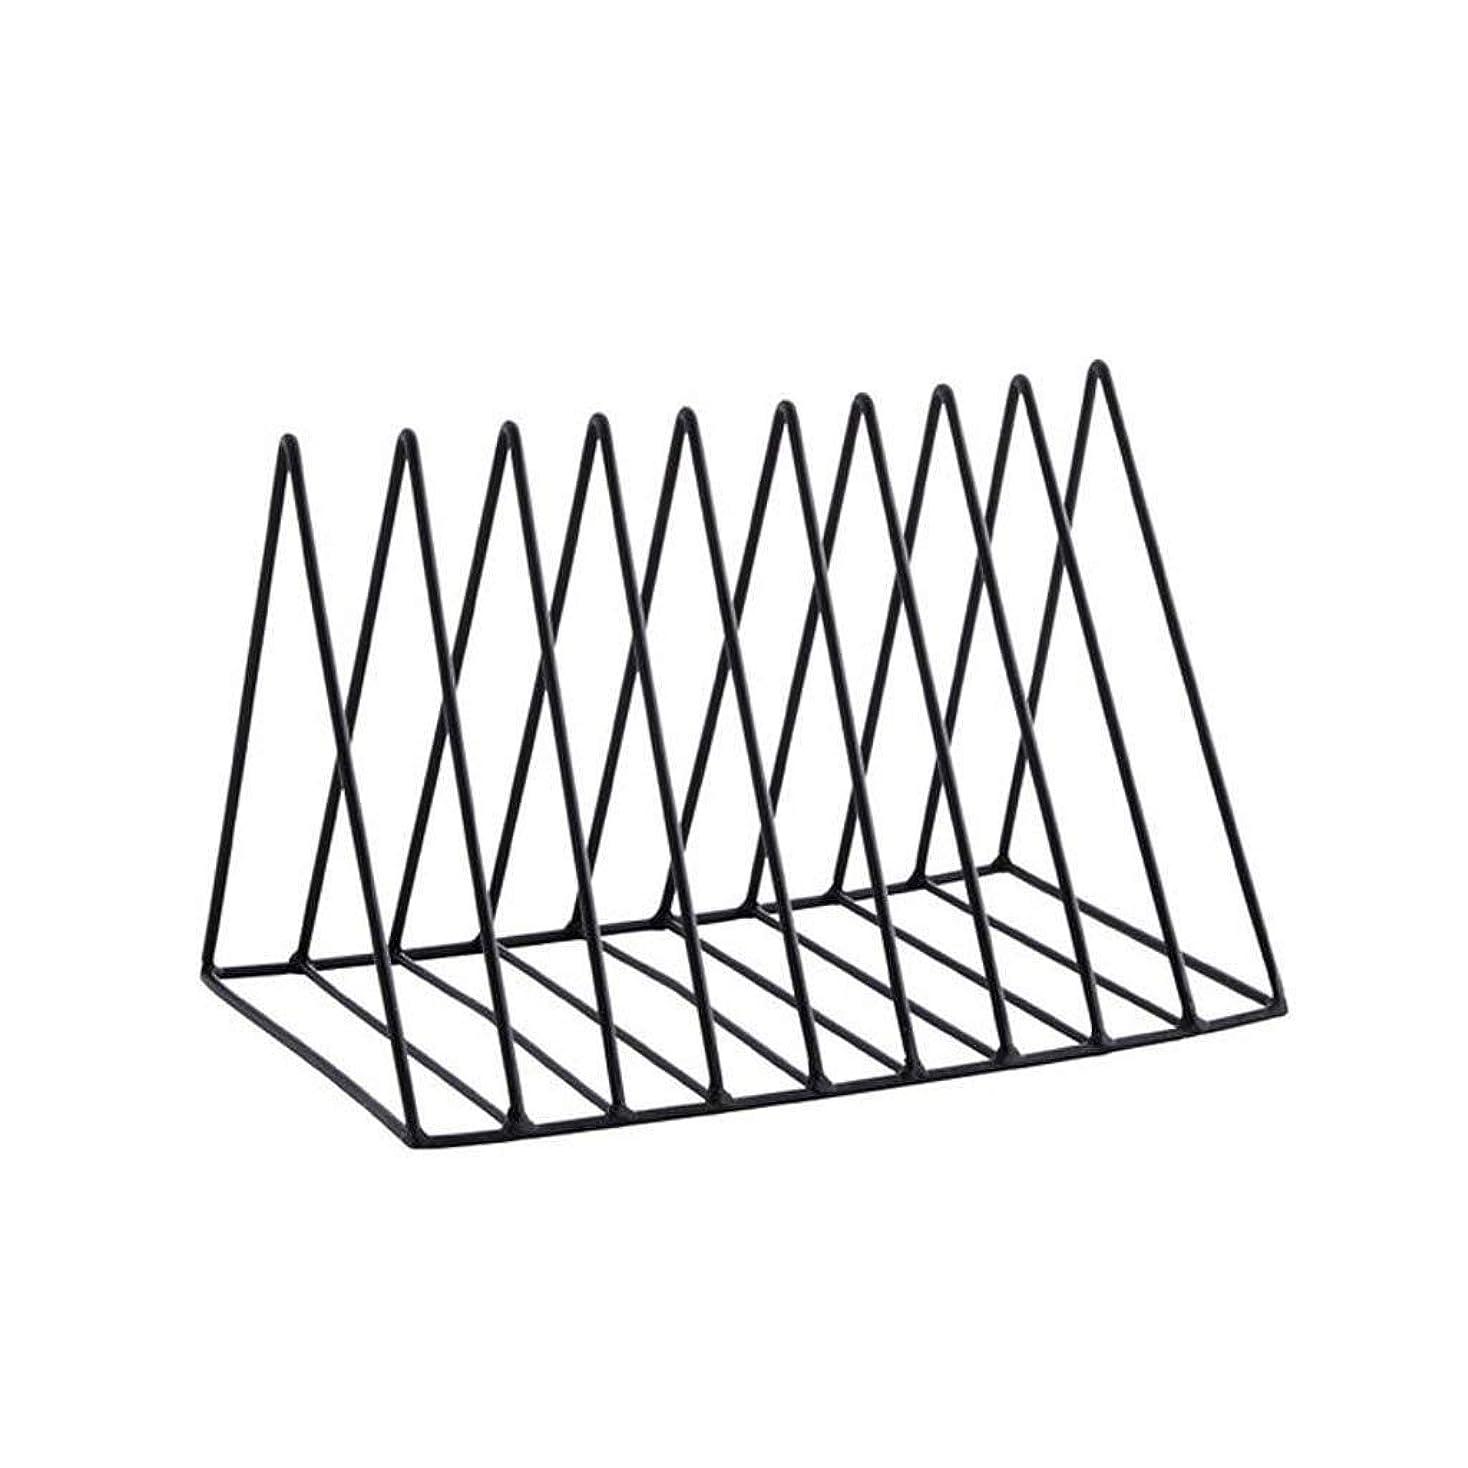 リハーサル潮禁輸RMJAI リビングルーム 本棚錬鉄製の本棚デスクトップミニ本棚本雑貨収納ラック収納ラック新聞雑誌ディスプレイスタンド27×18×17センチ 家庭やオフィスに最適 (Color : Black)